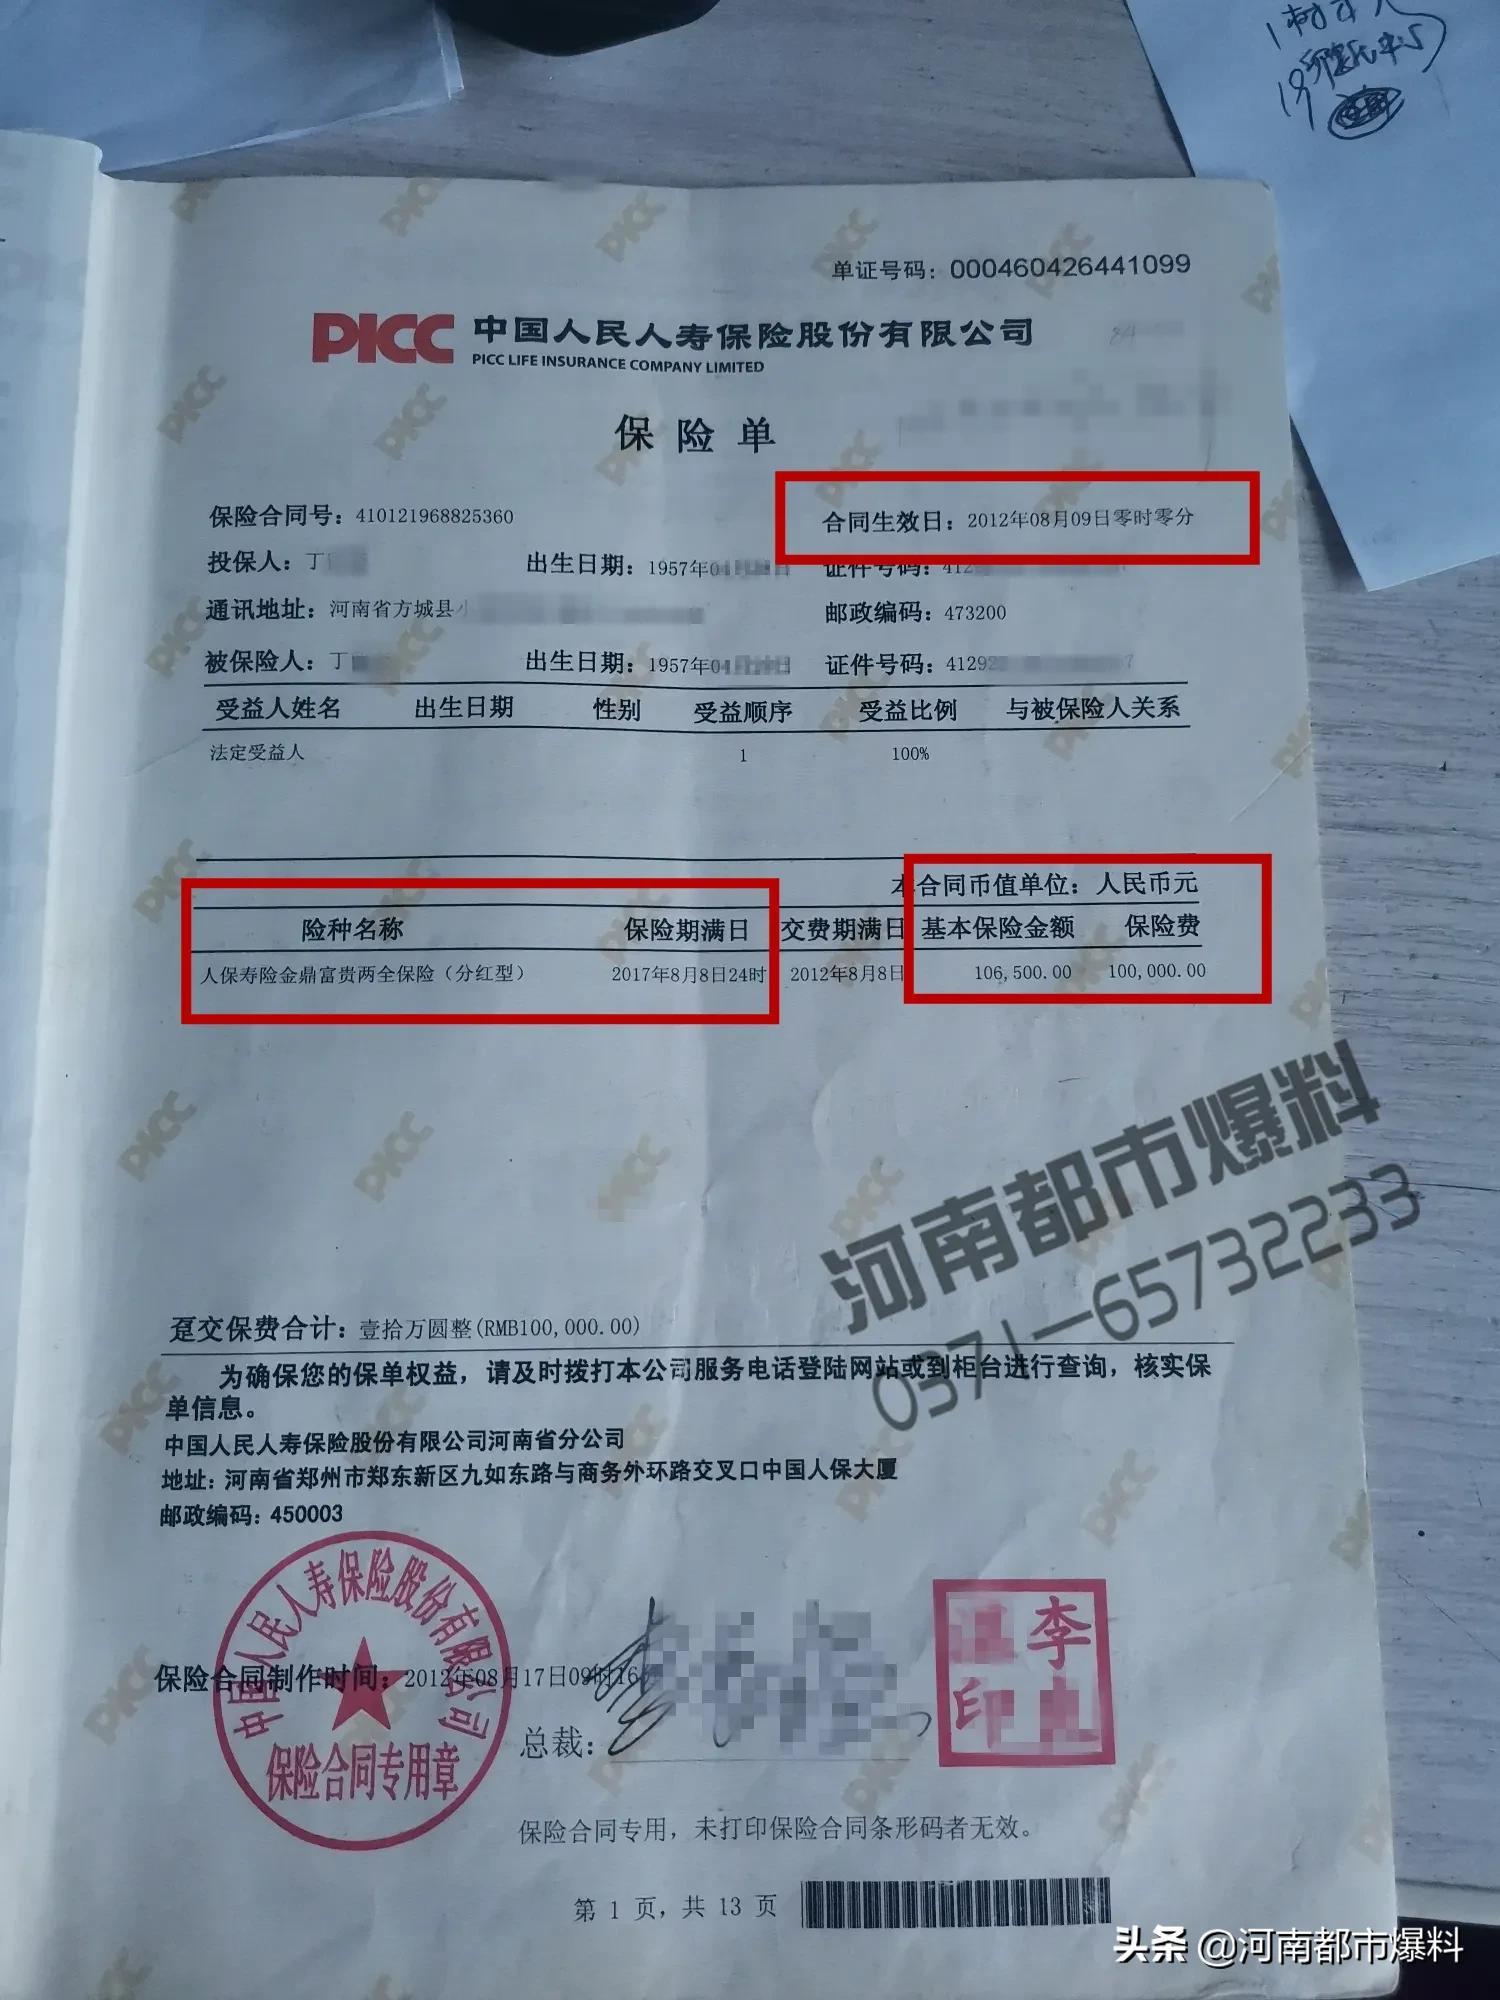 拿儿子死亡赔偿金50万在中国人民人寿投保,是谁拿保单贷了款?